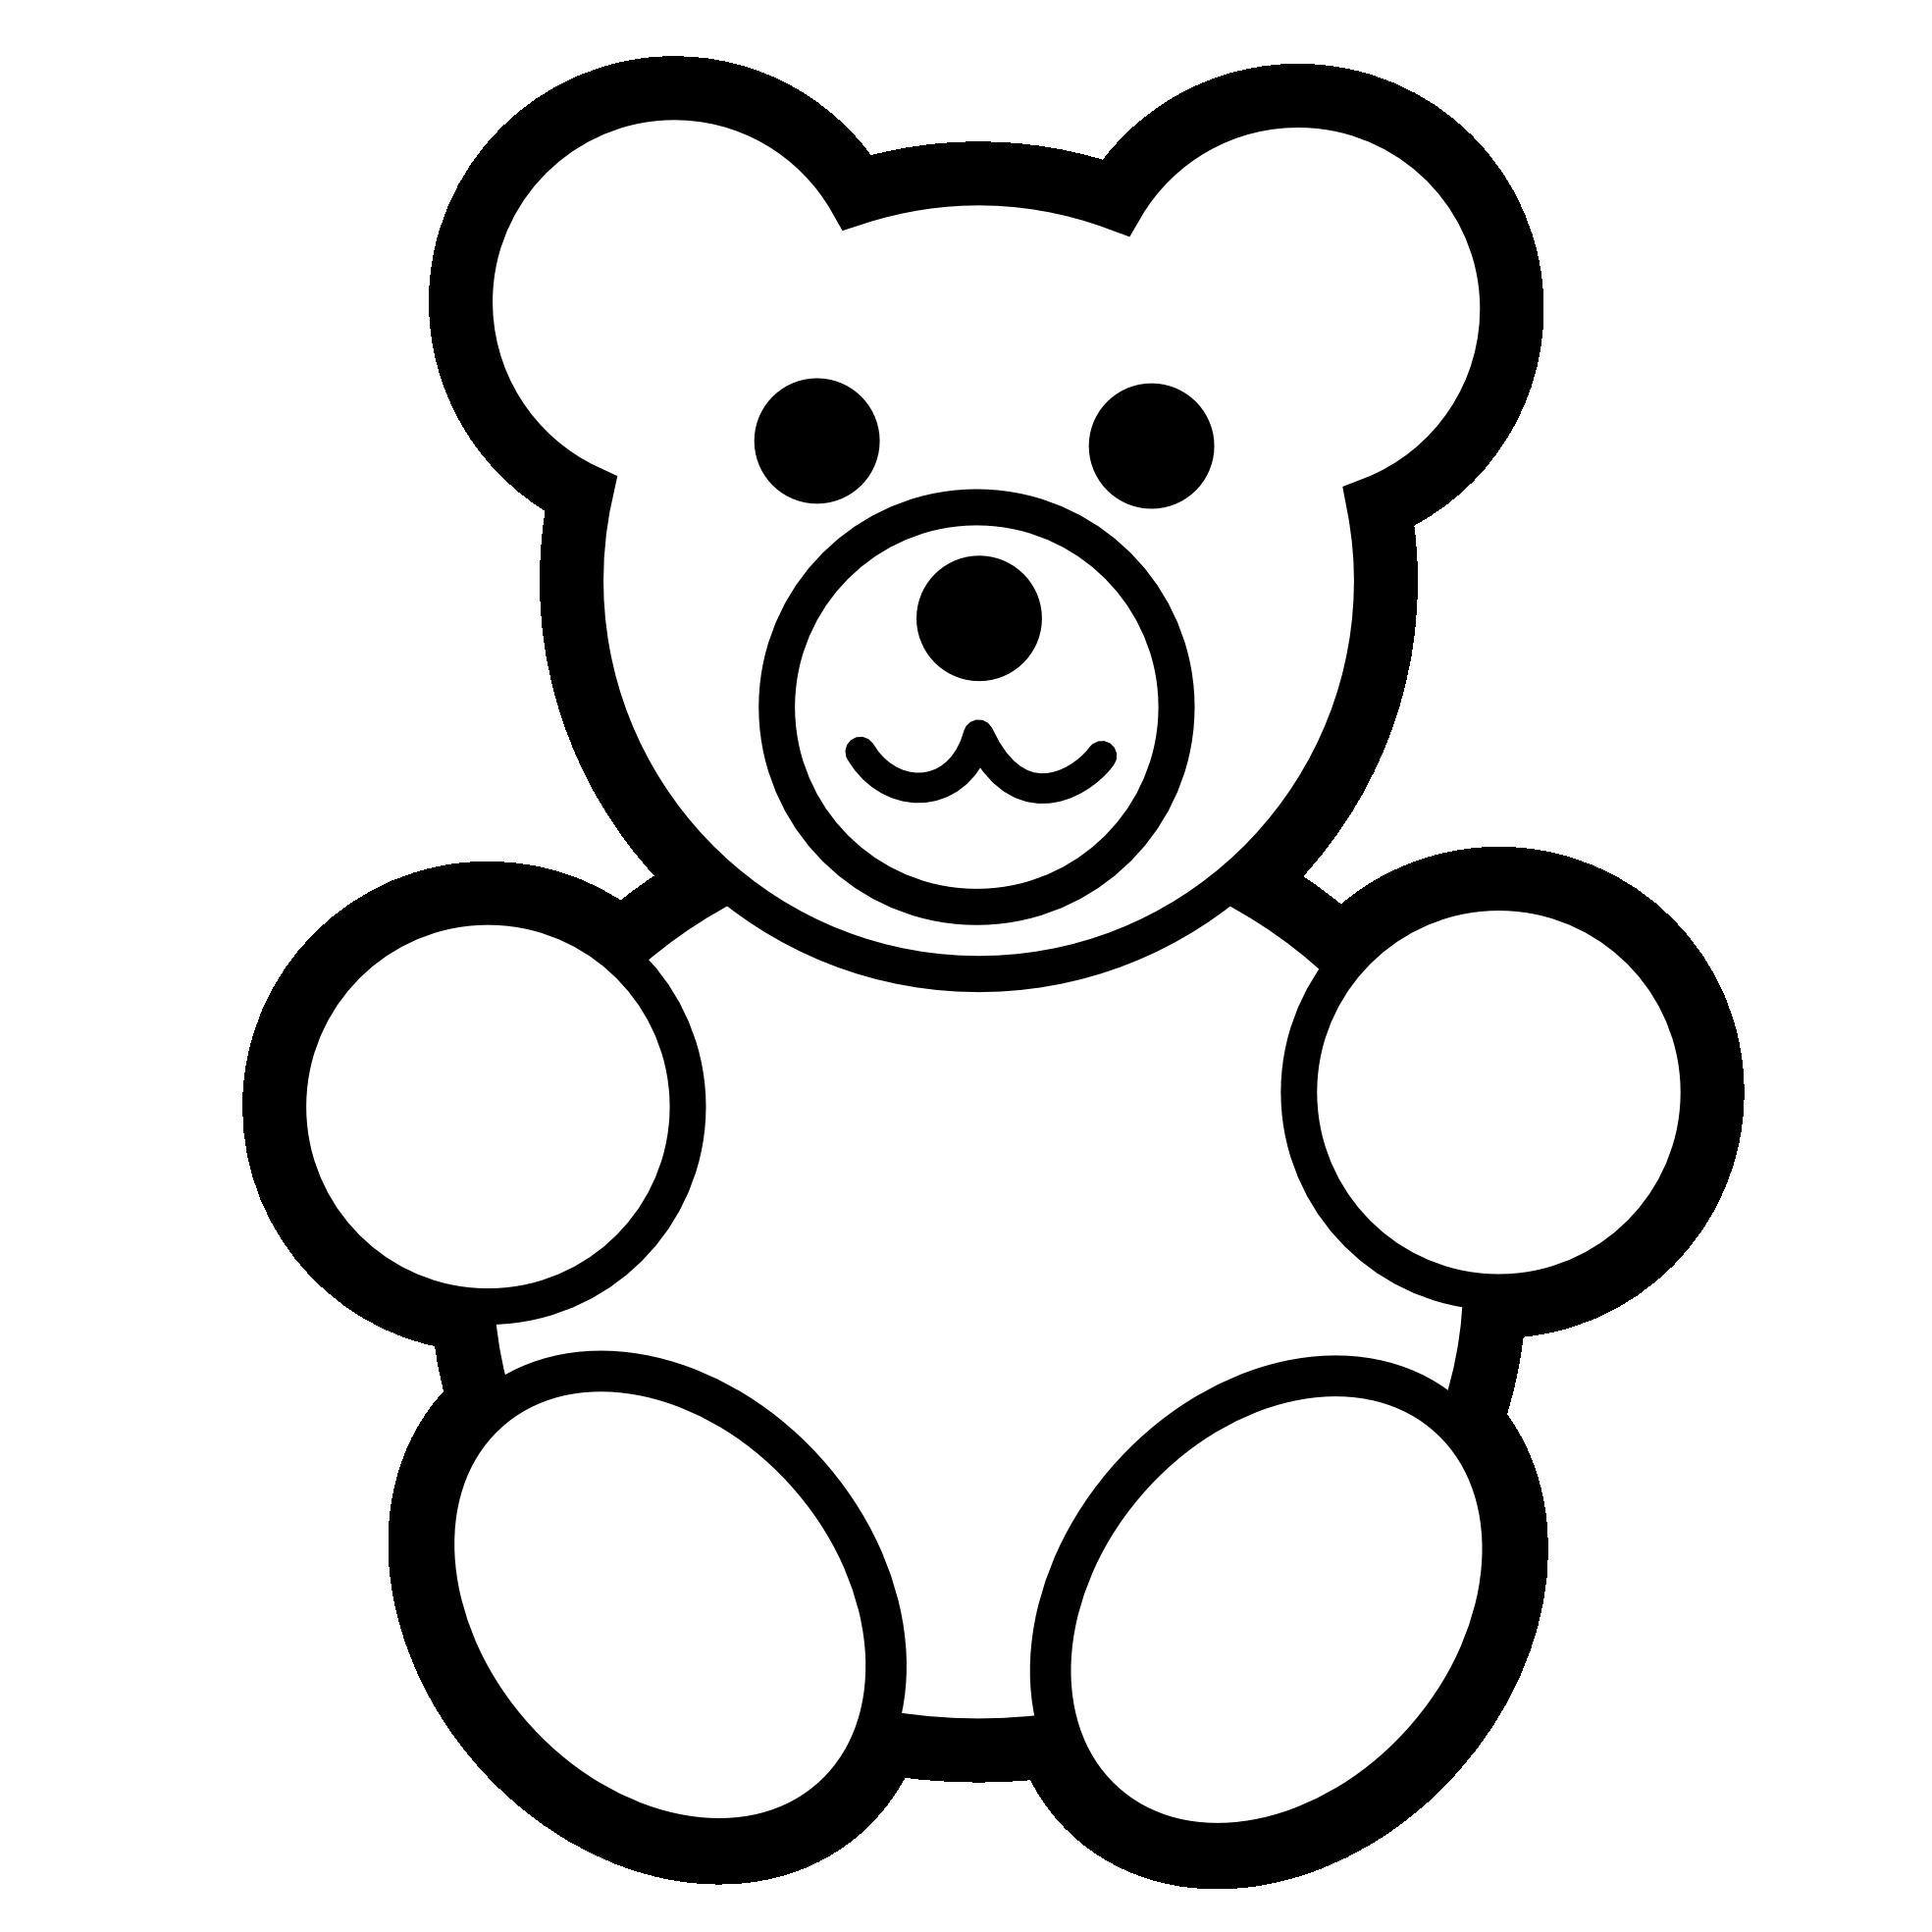 teddy%20bear%20outline%20clipart